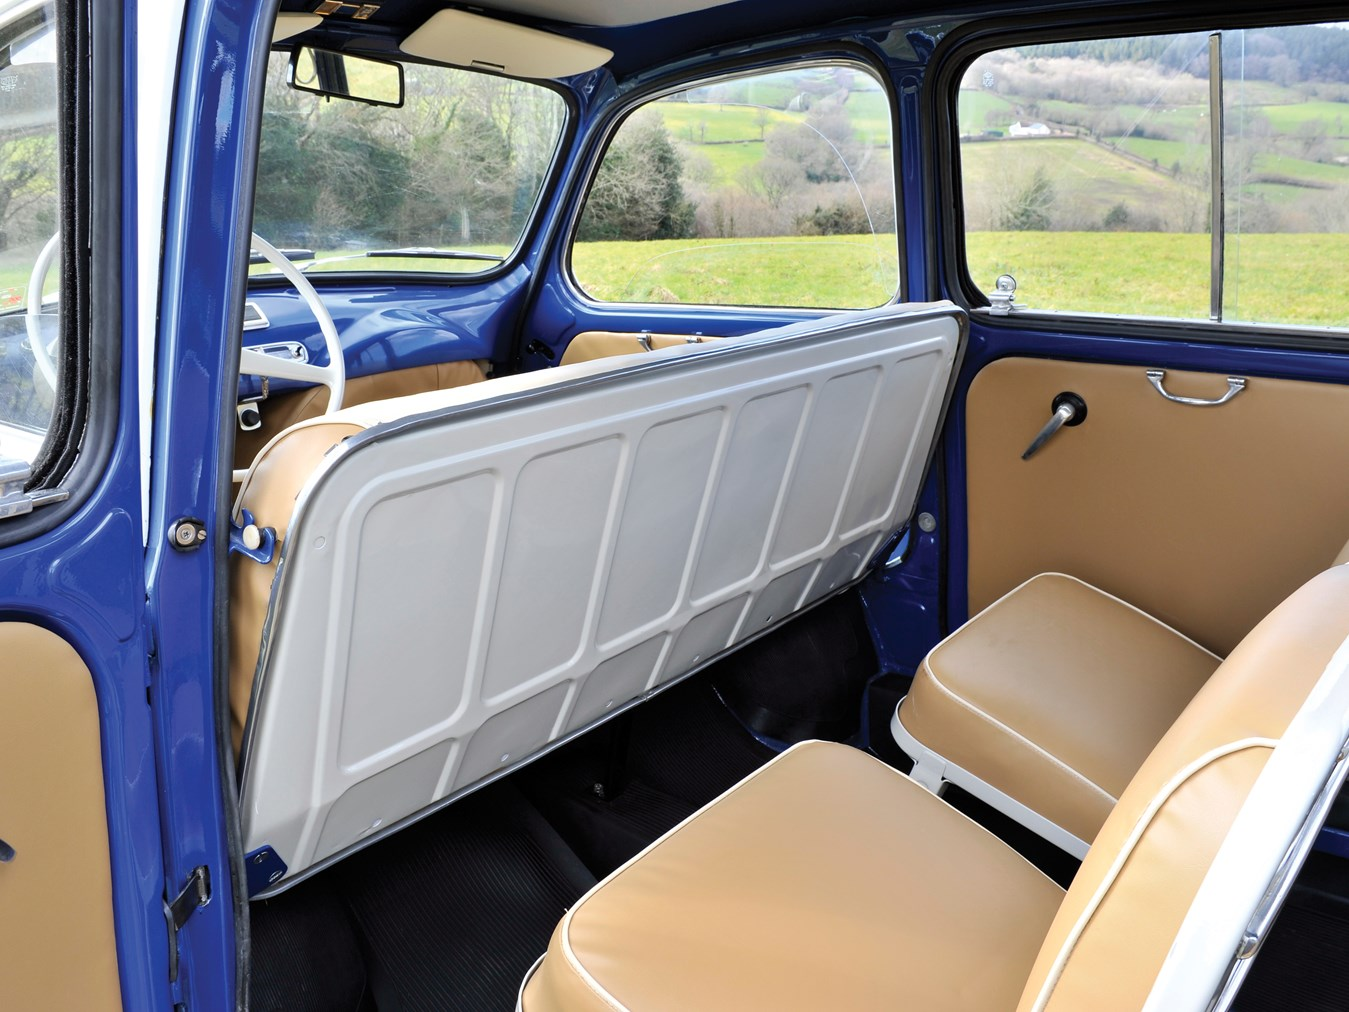 1965 Fiat 600 Multipla